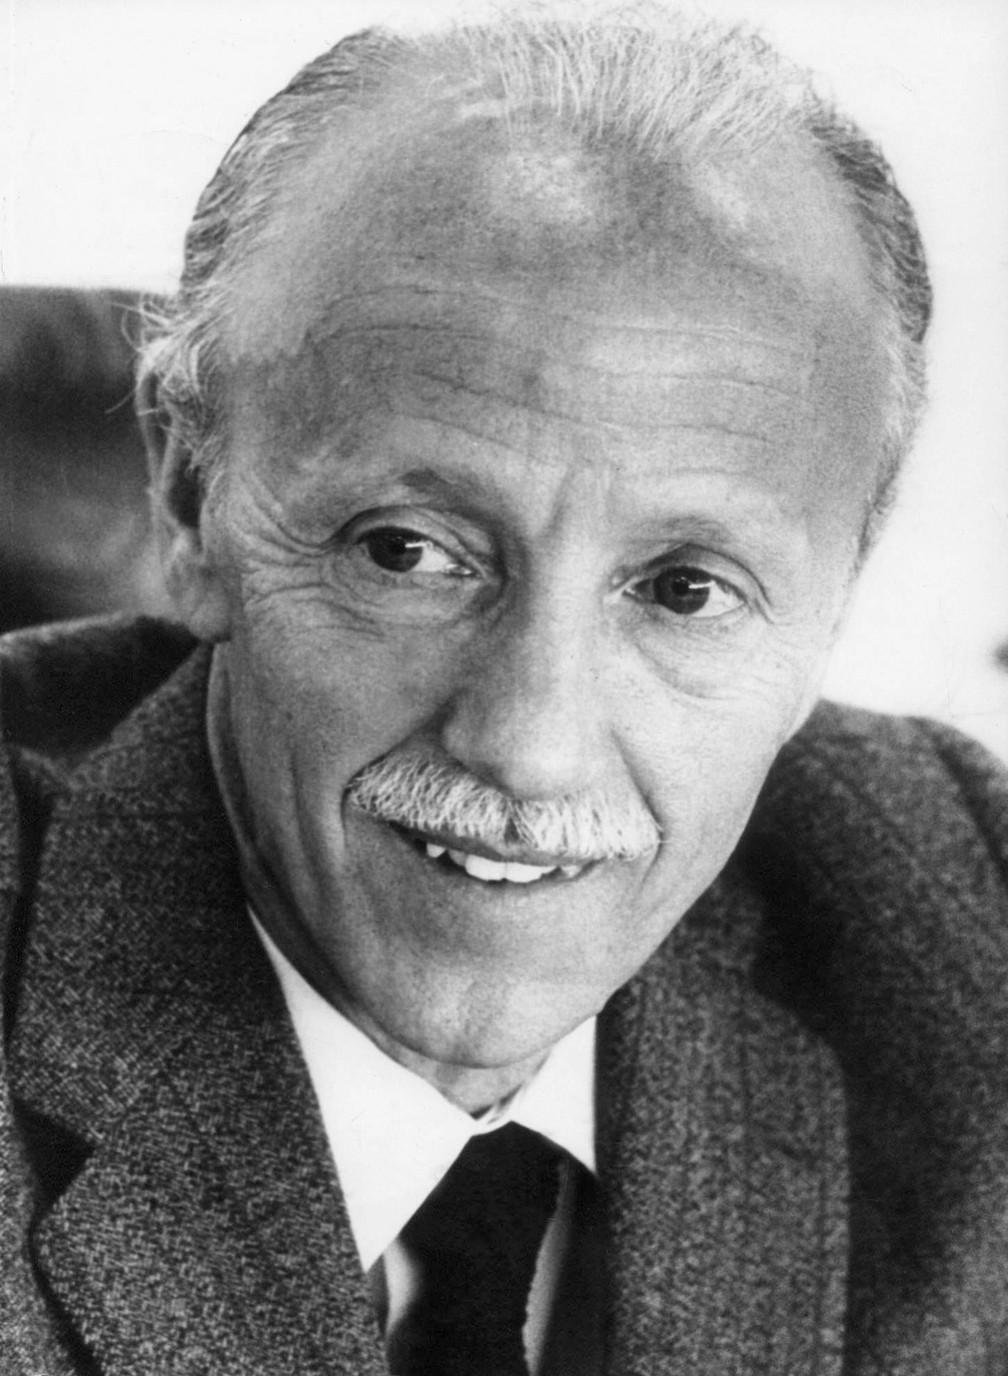 O jurista Hélio Bicudo em foto de novembro de 1976 (Foto: Estadão Conteúdo/Arquivo)